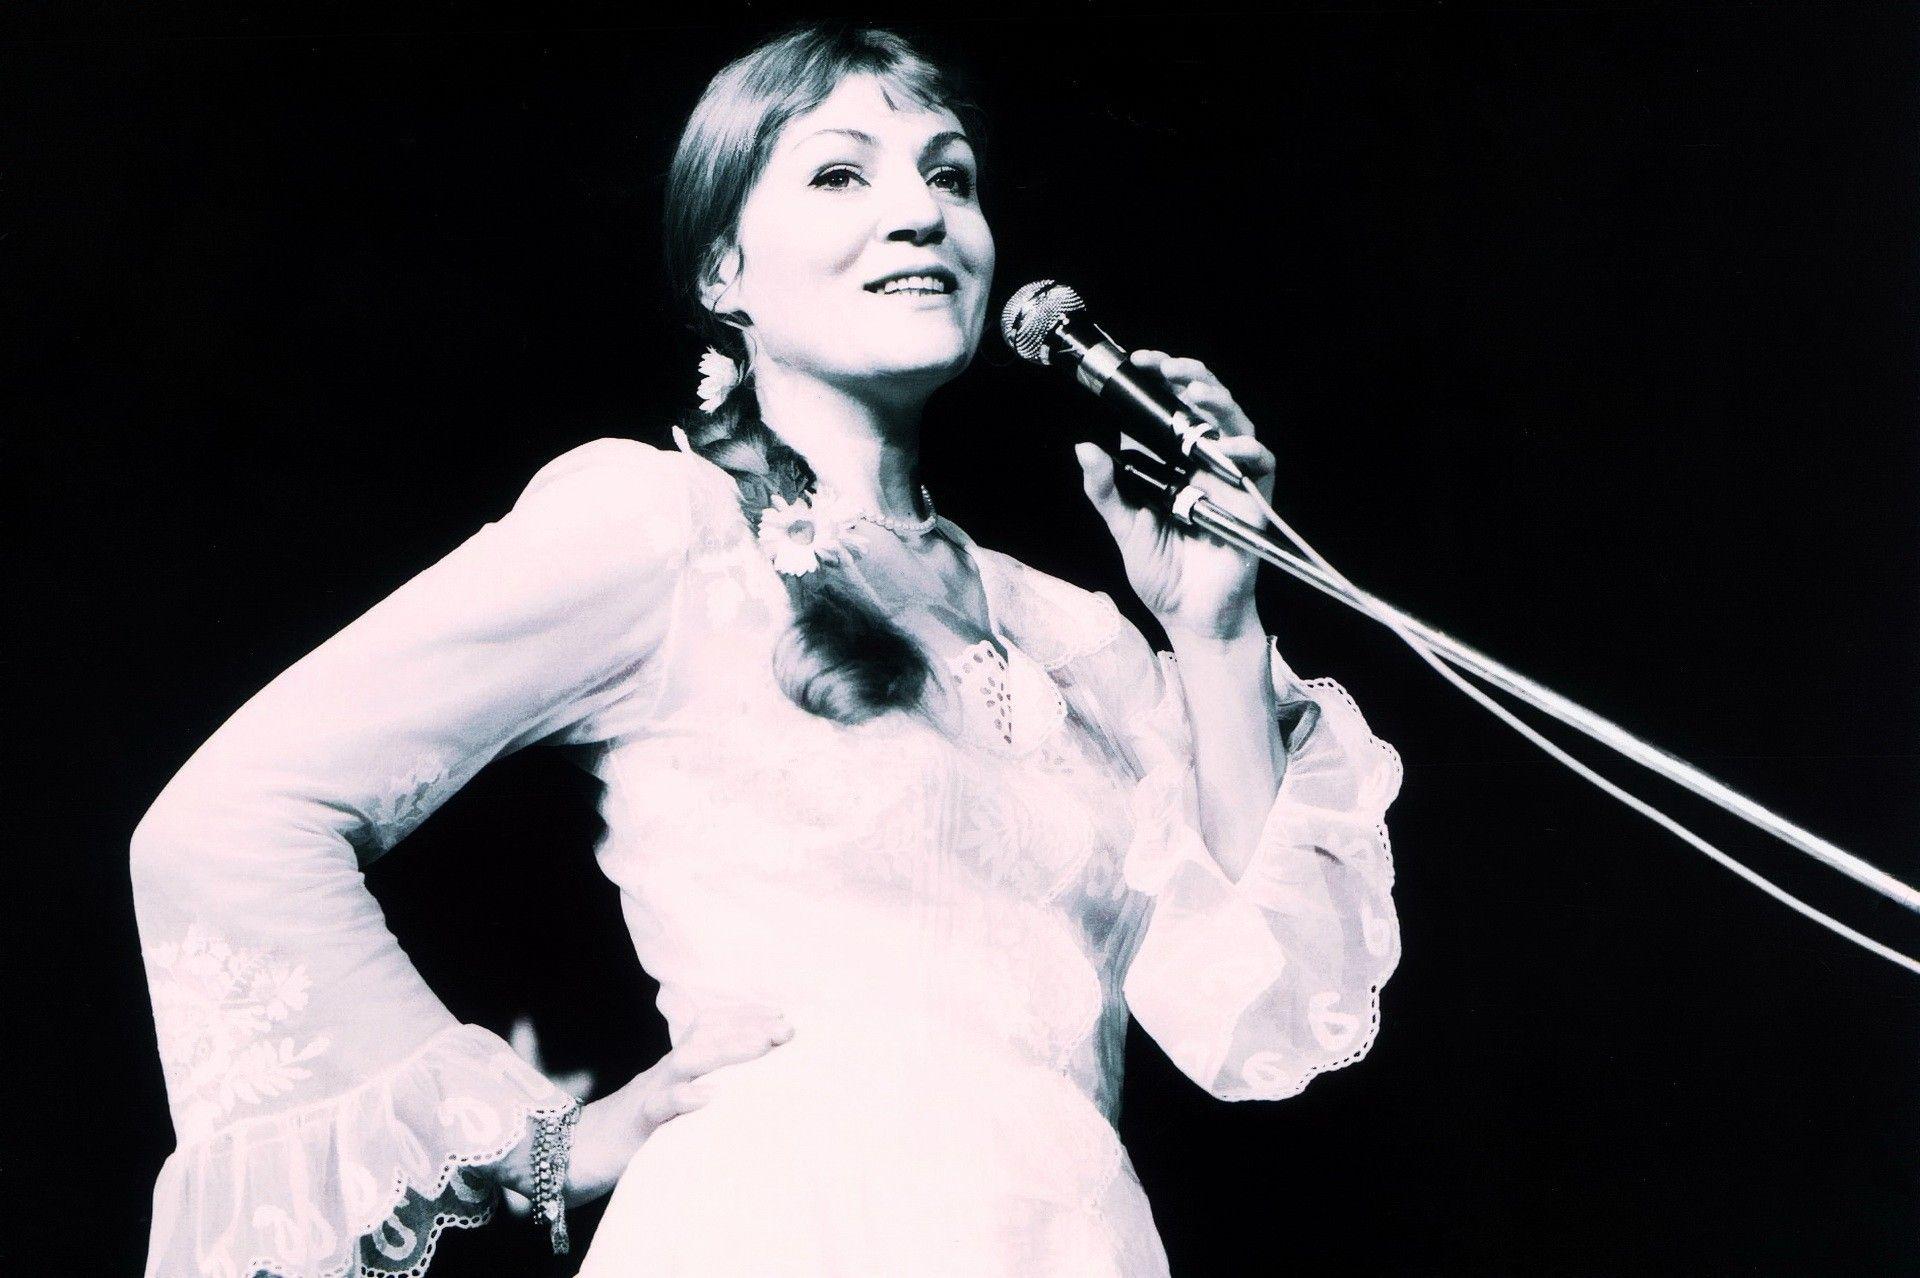 Анна Герман вся в белом... и она была белым ангелом польской эстрады: именно так называли её при жизни — «Белым Ангелом польской эстрады»! Ведь её голос, действительно, был ангельским, он удивительным образом трогает слушателя до глубины души...